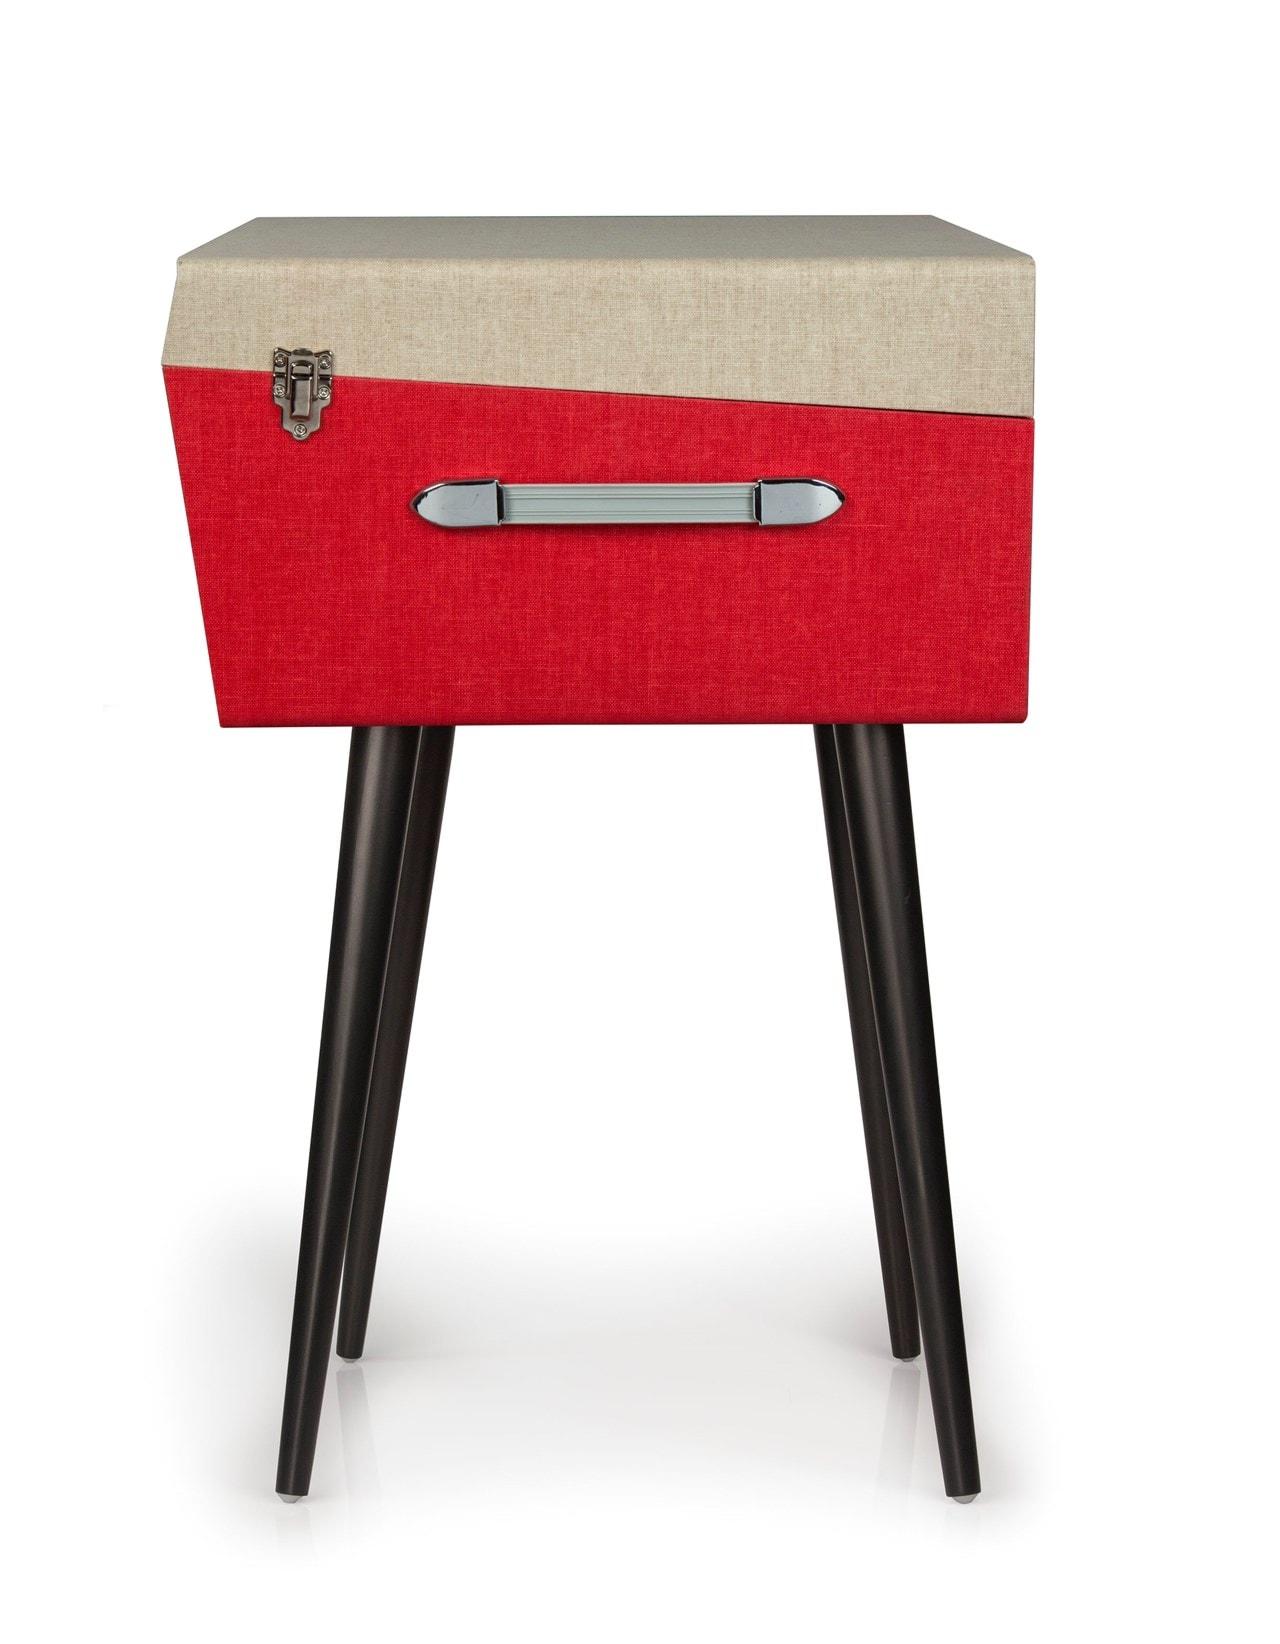 Crosley Bermuda Red Turntable - 5